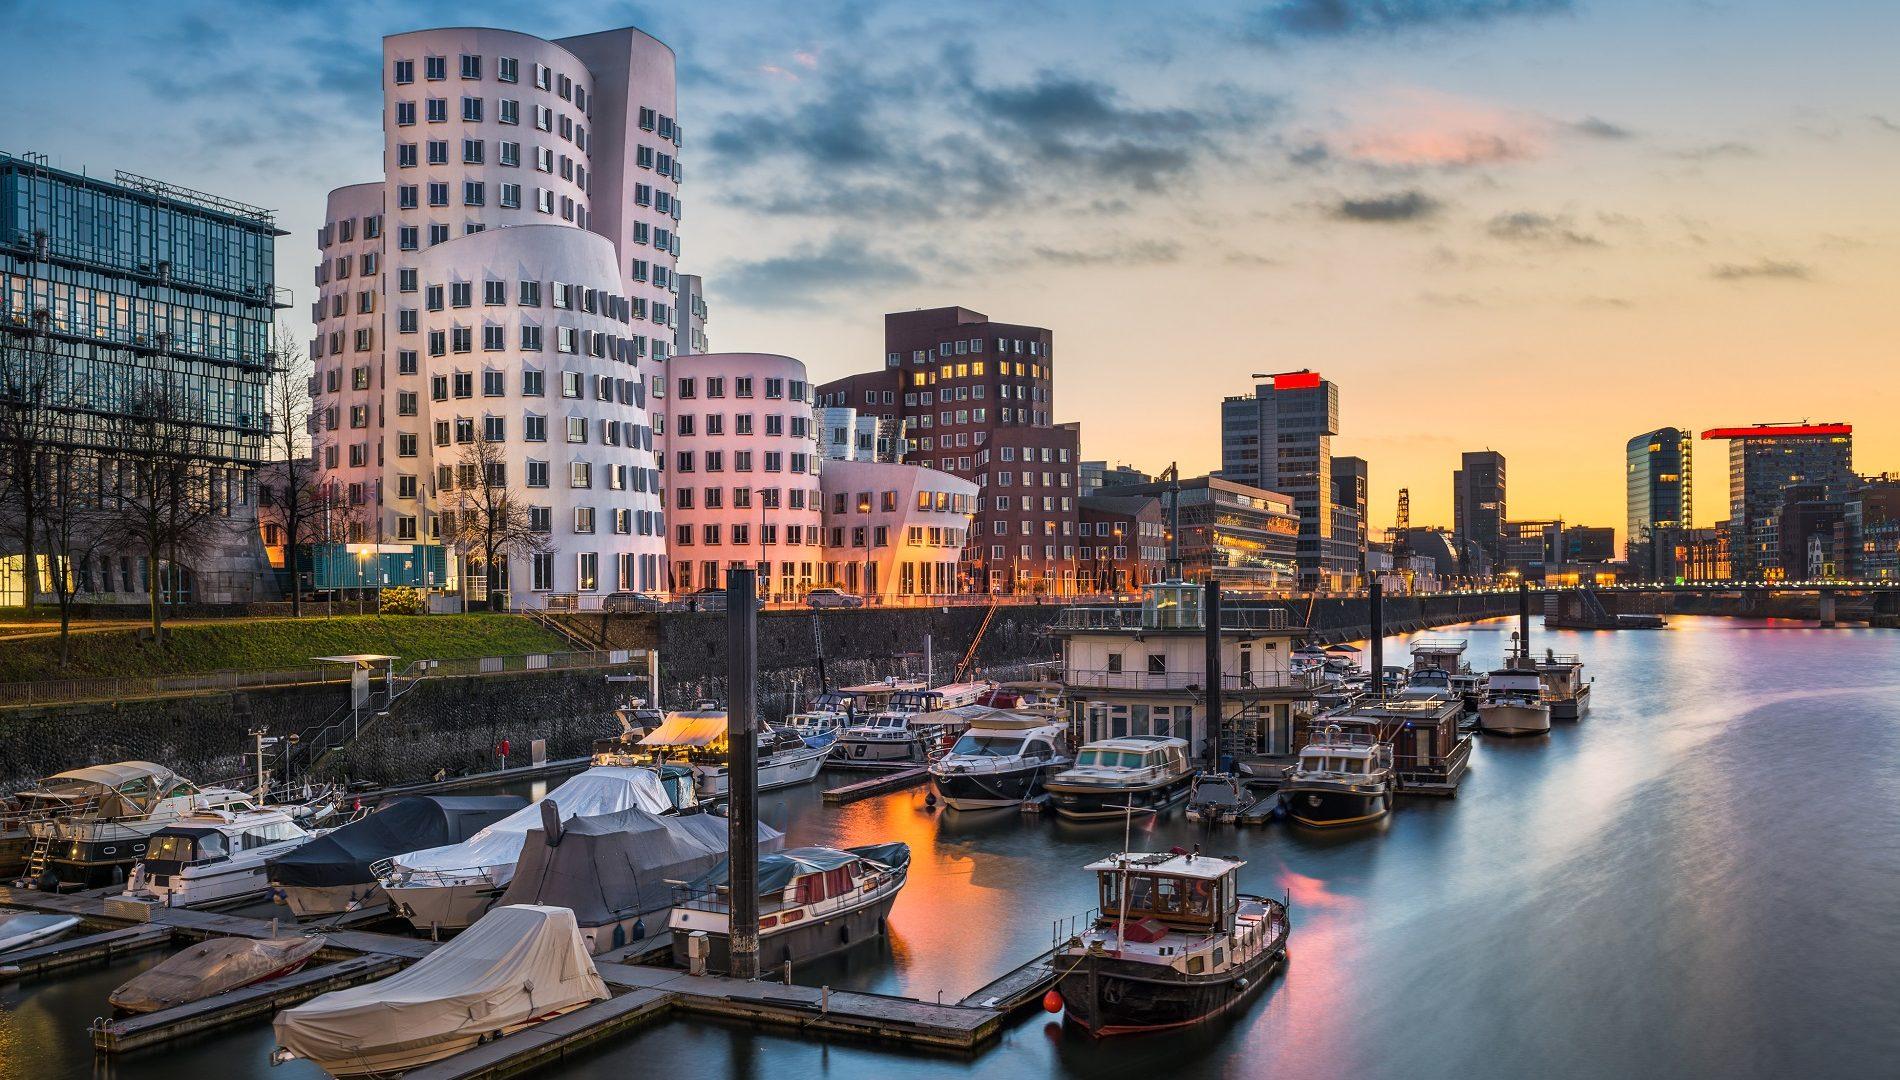 Germania: terra promessa di professionisti qualificati